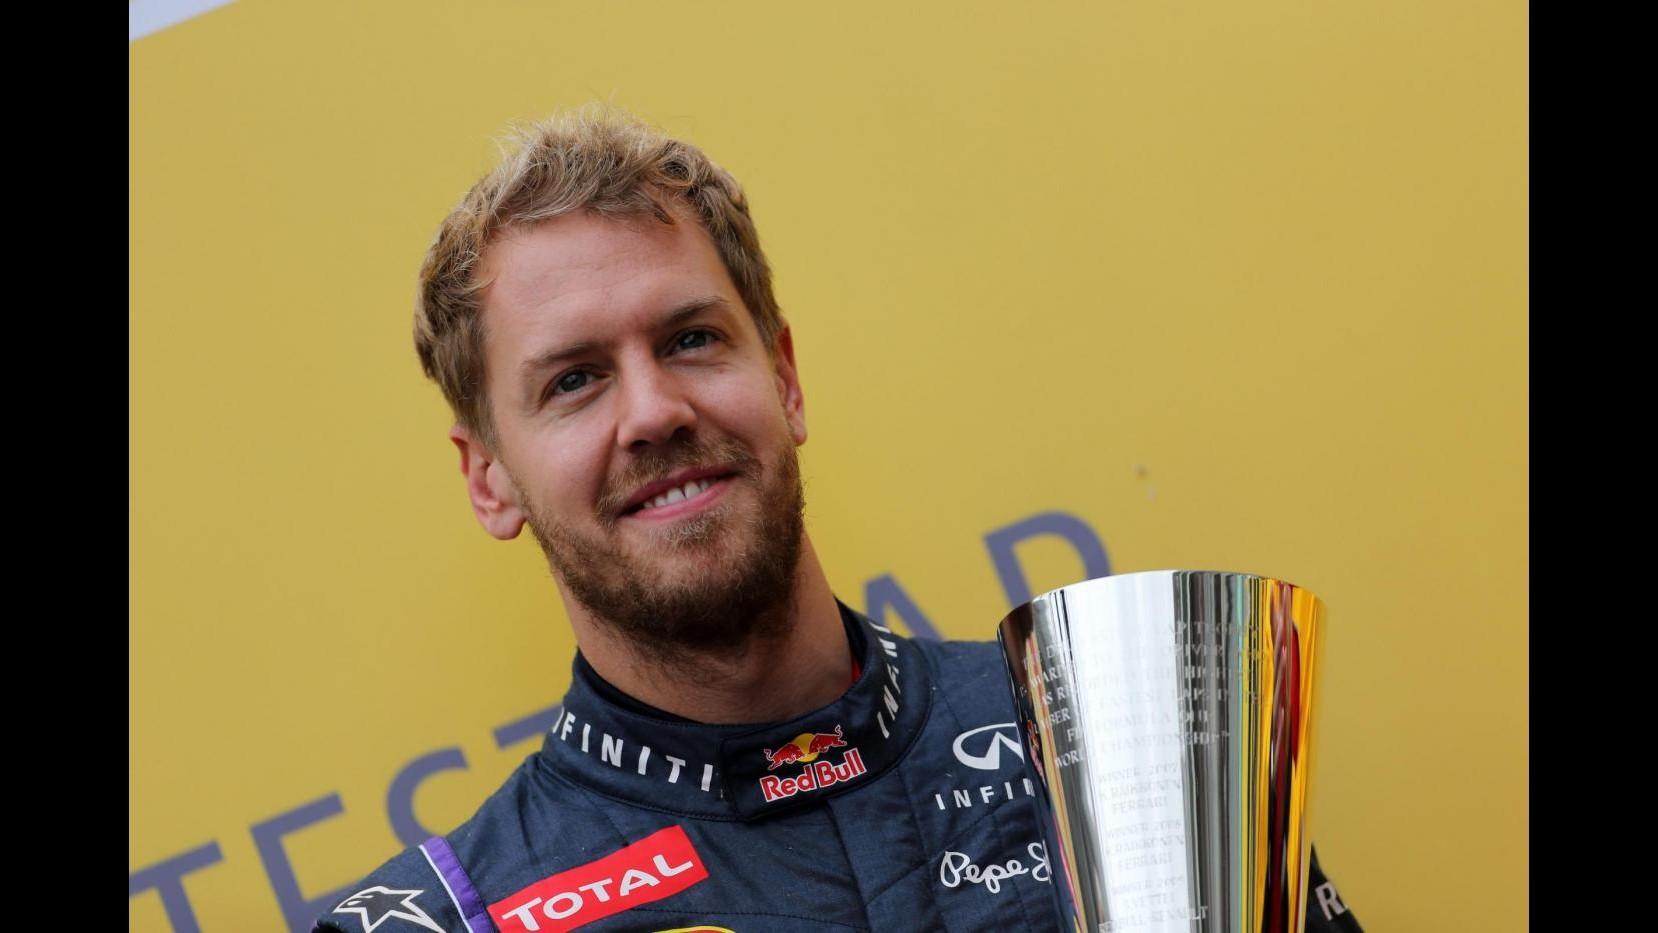 F1, Gp Brasile: Vettel centra la nona vittoria consecutiva.  Secondo Webber, terzo Alonso